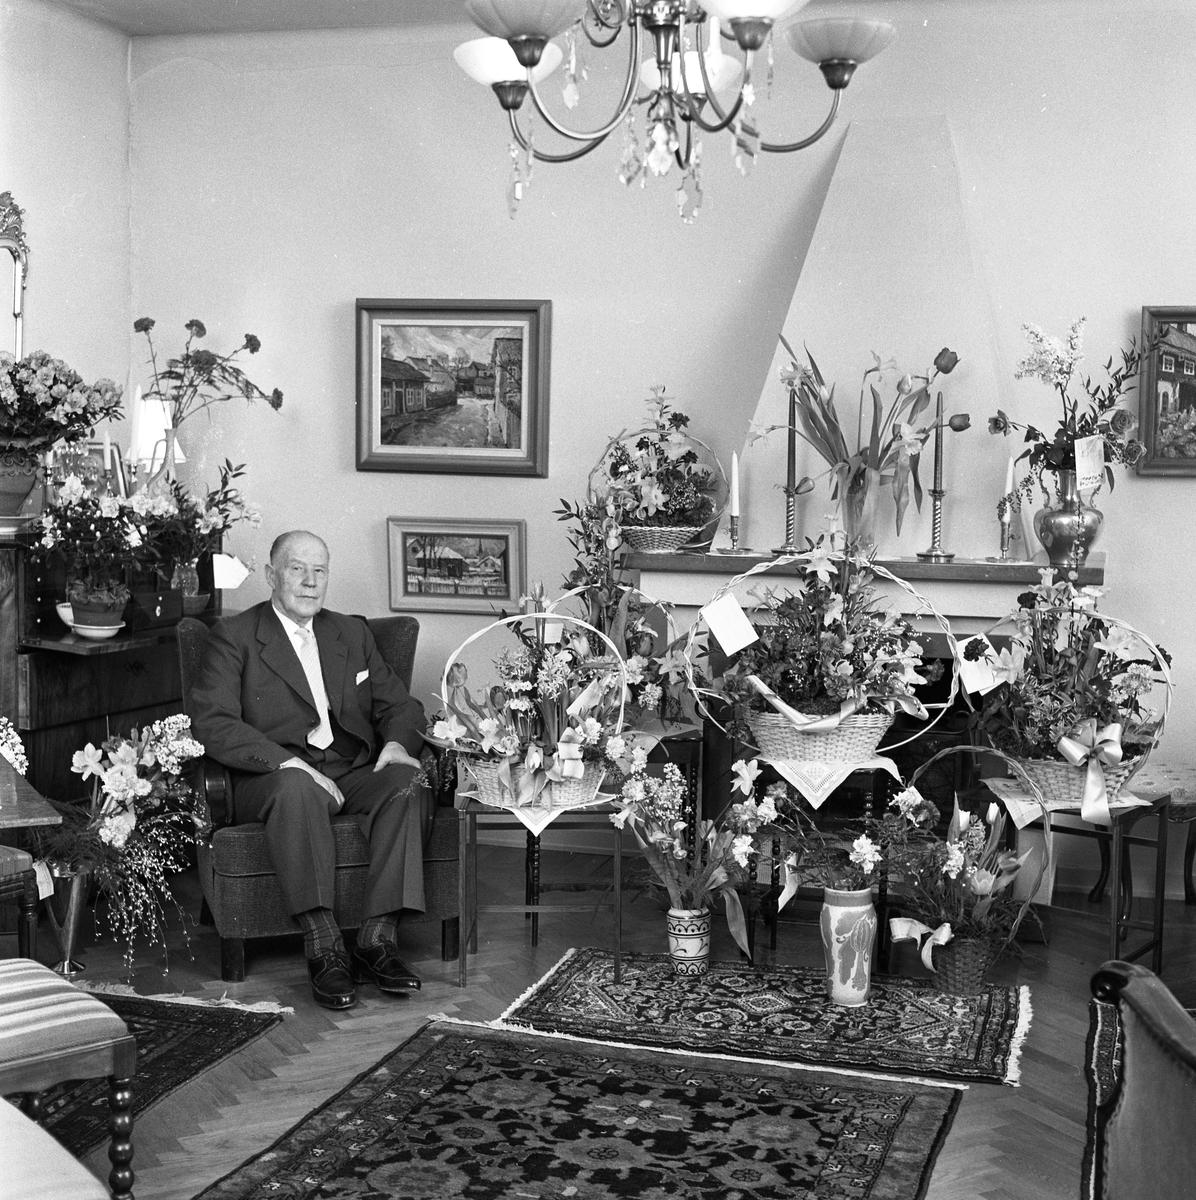 Hemma hos byggmästare Johan Sörén på bemärkelsedagen En man sitter i en fåtölj i sitt vardagsrum. På chiffonjén står blommor i vaser, på spiselkransen och på golvet står korgar och vaser med blomsteruppsättningar och buketter.